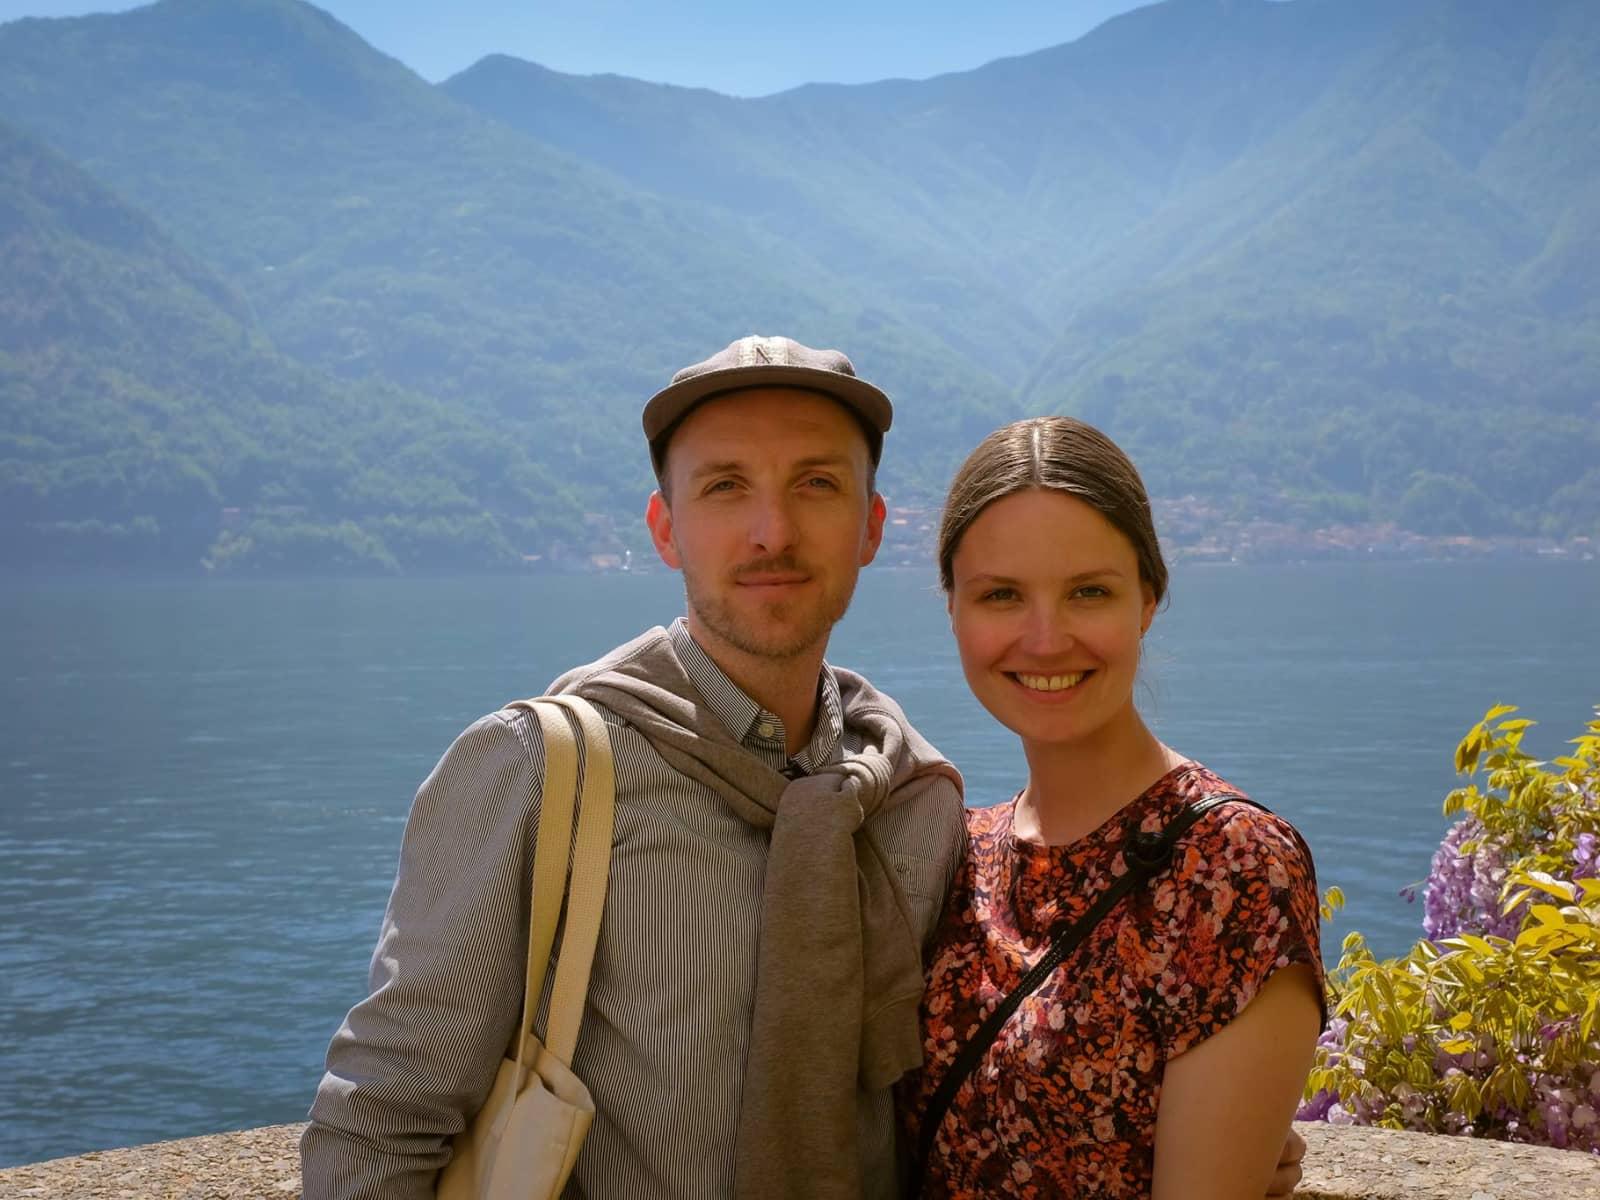 Sofie & Morten from Copenhagen, Denmark